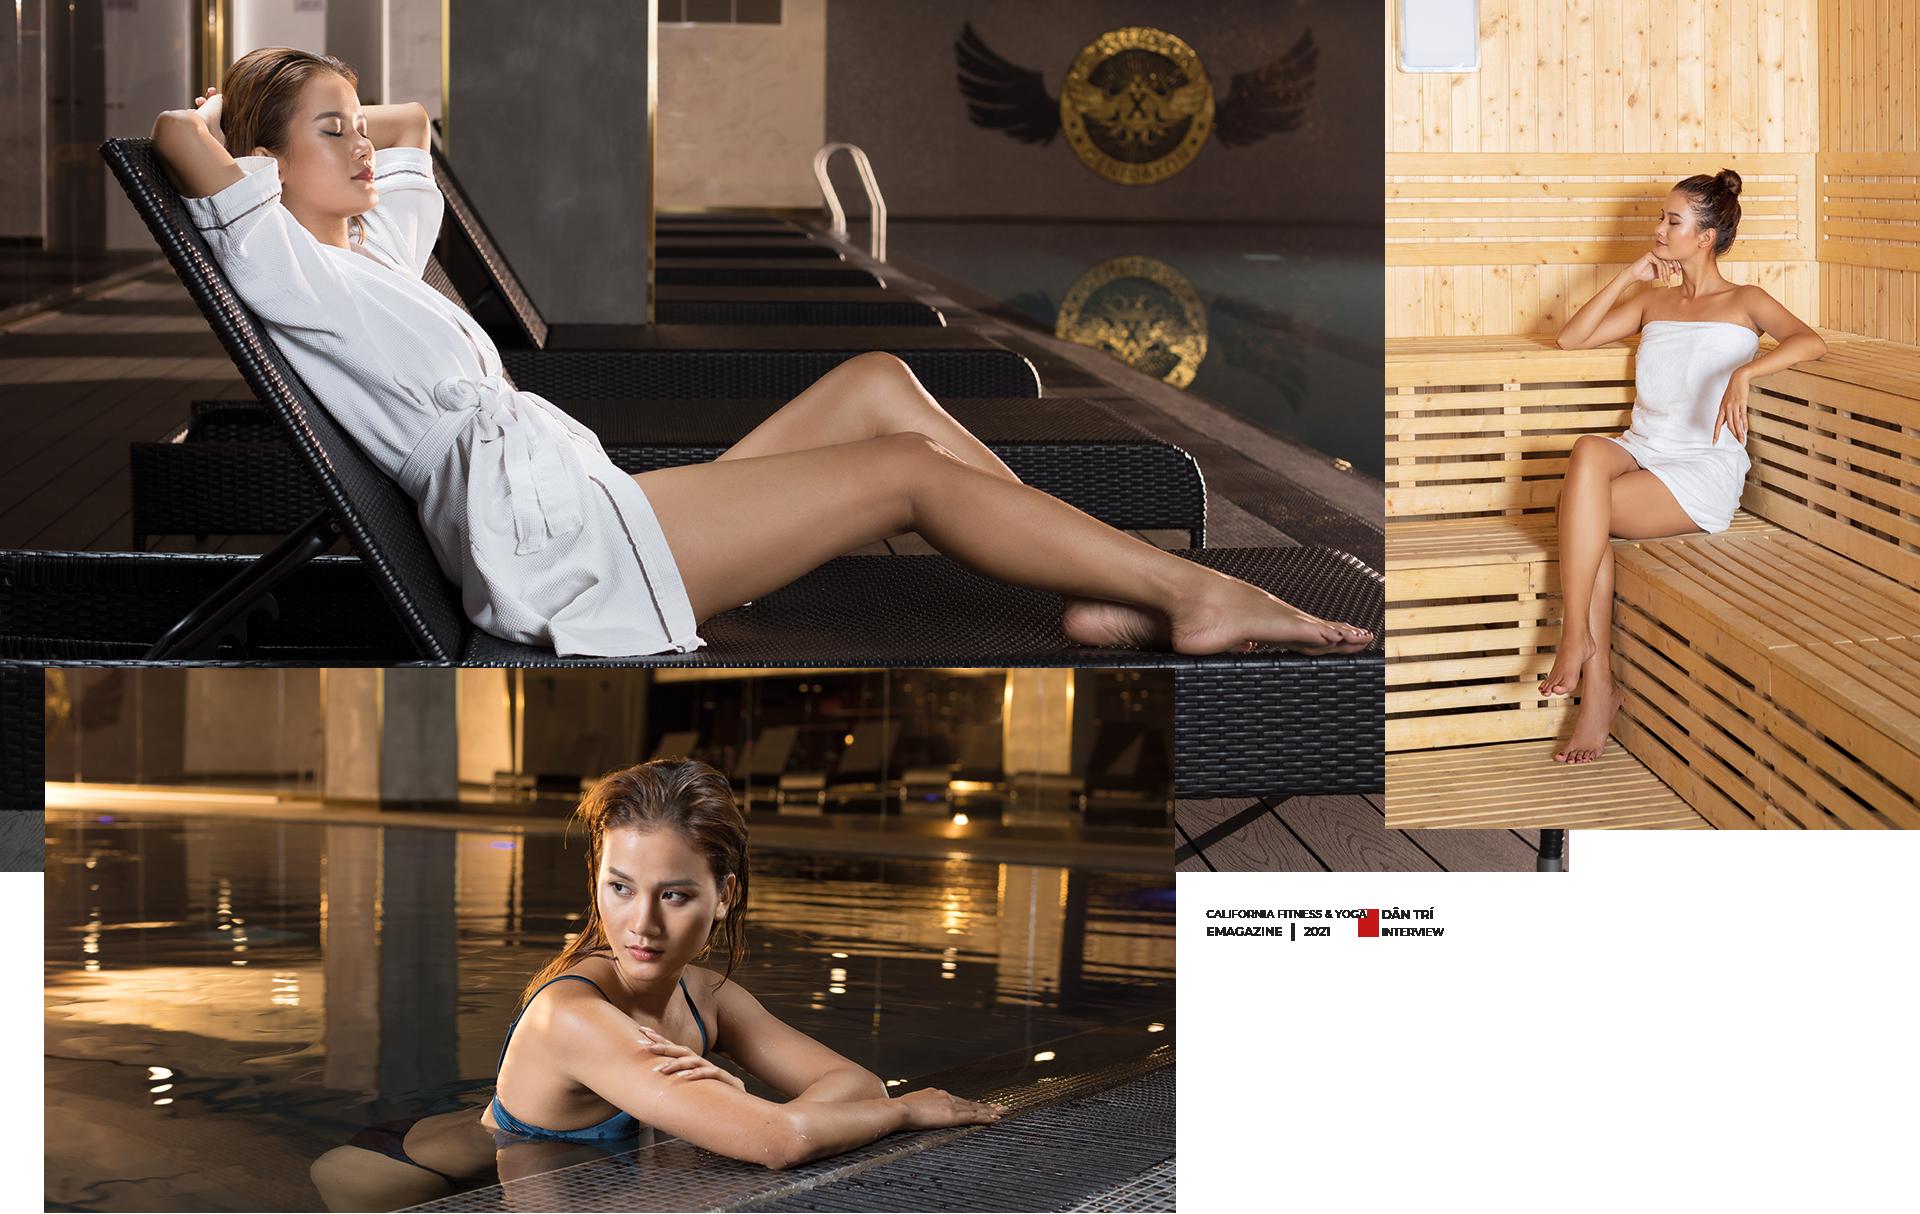 CEO của California Fitness  Yoga: Xe có thể thay mới nhưng cơ thể của bạn thì không - 15